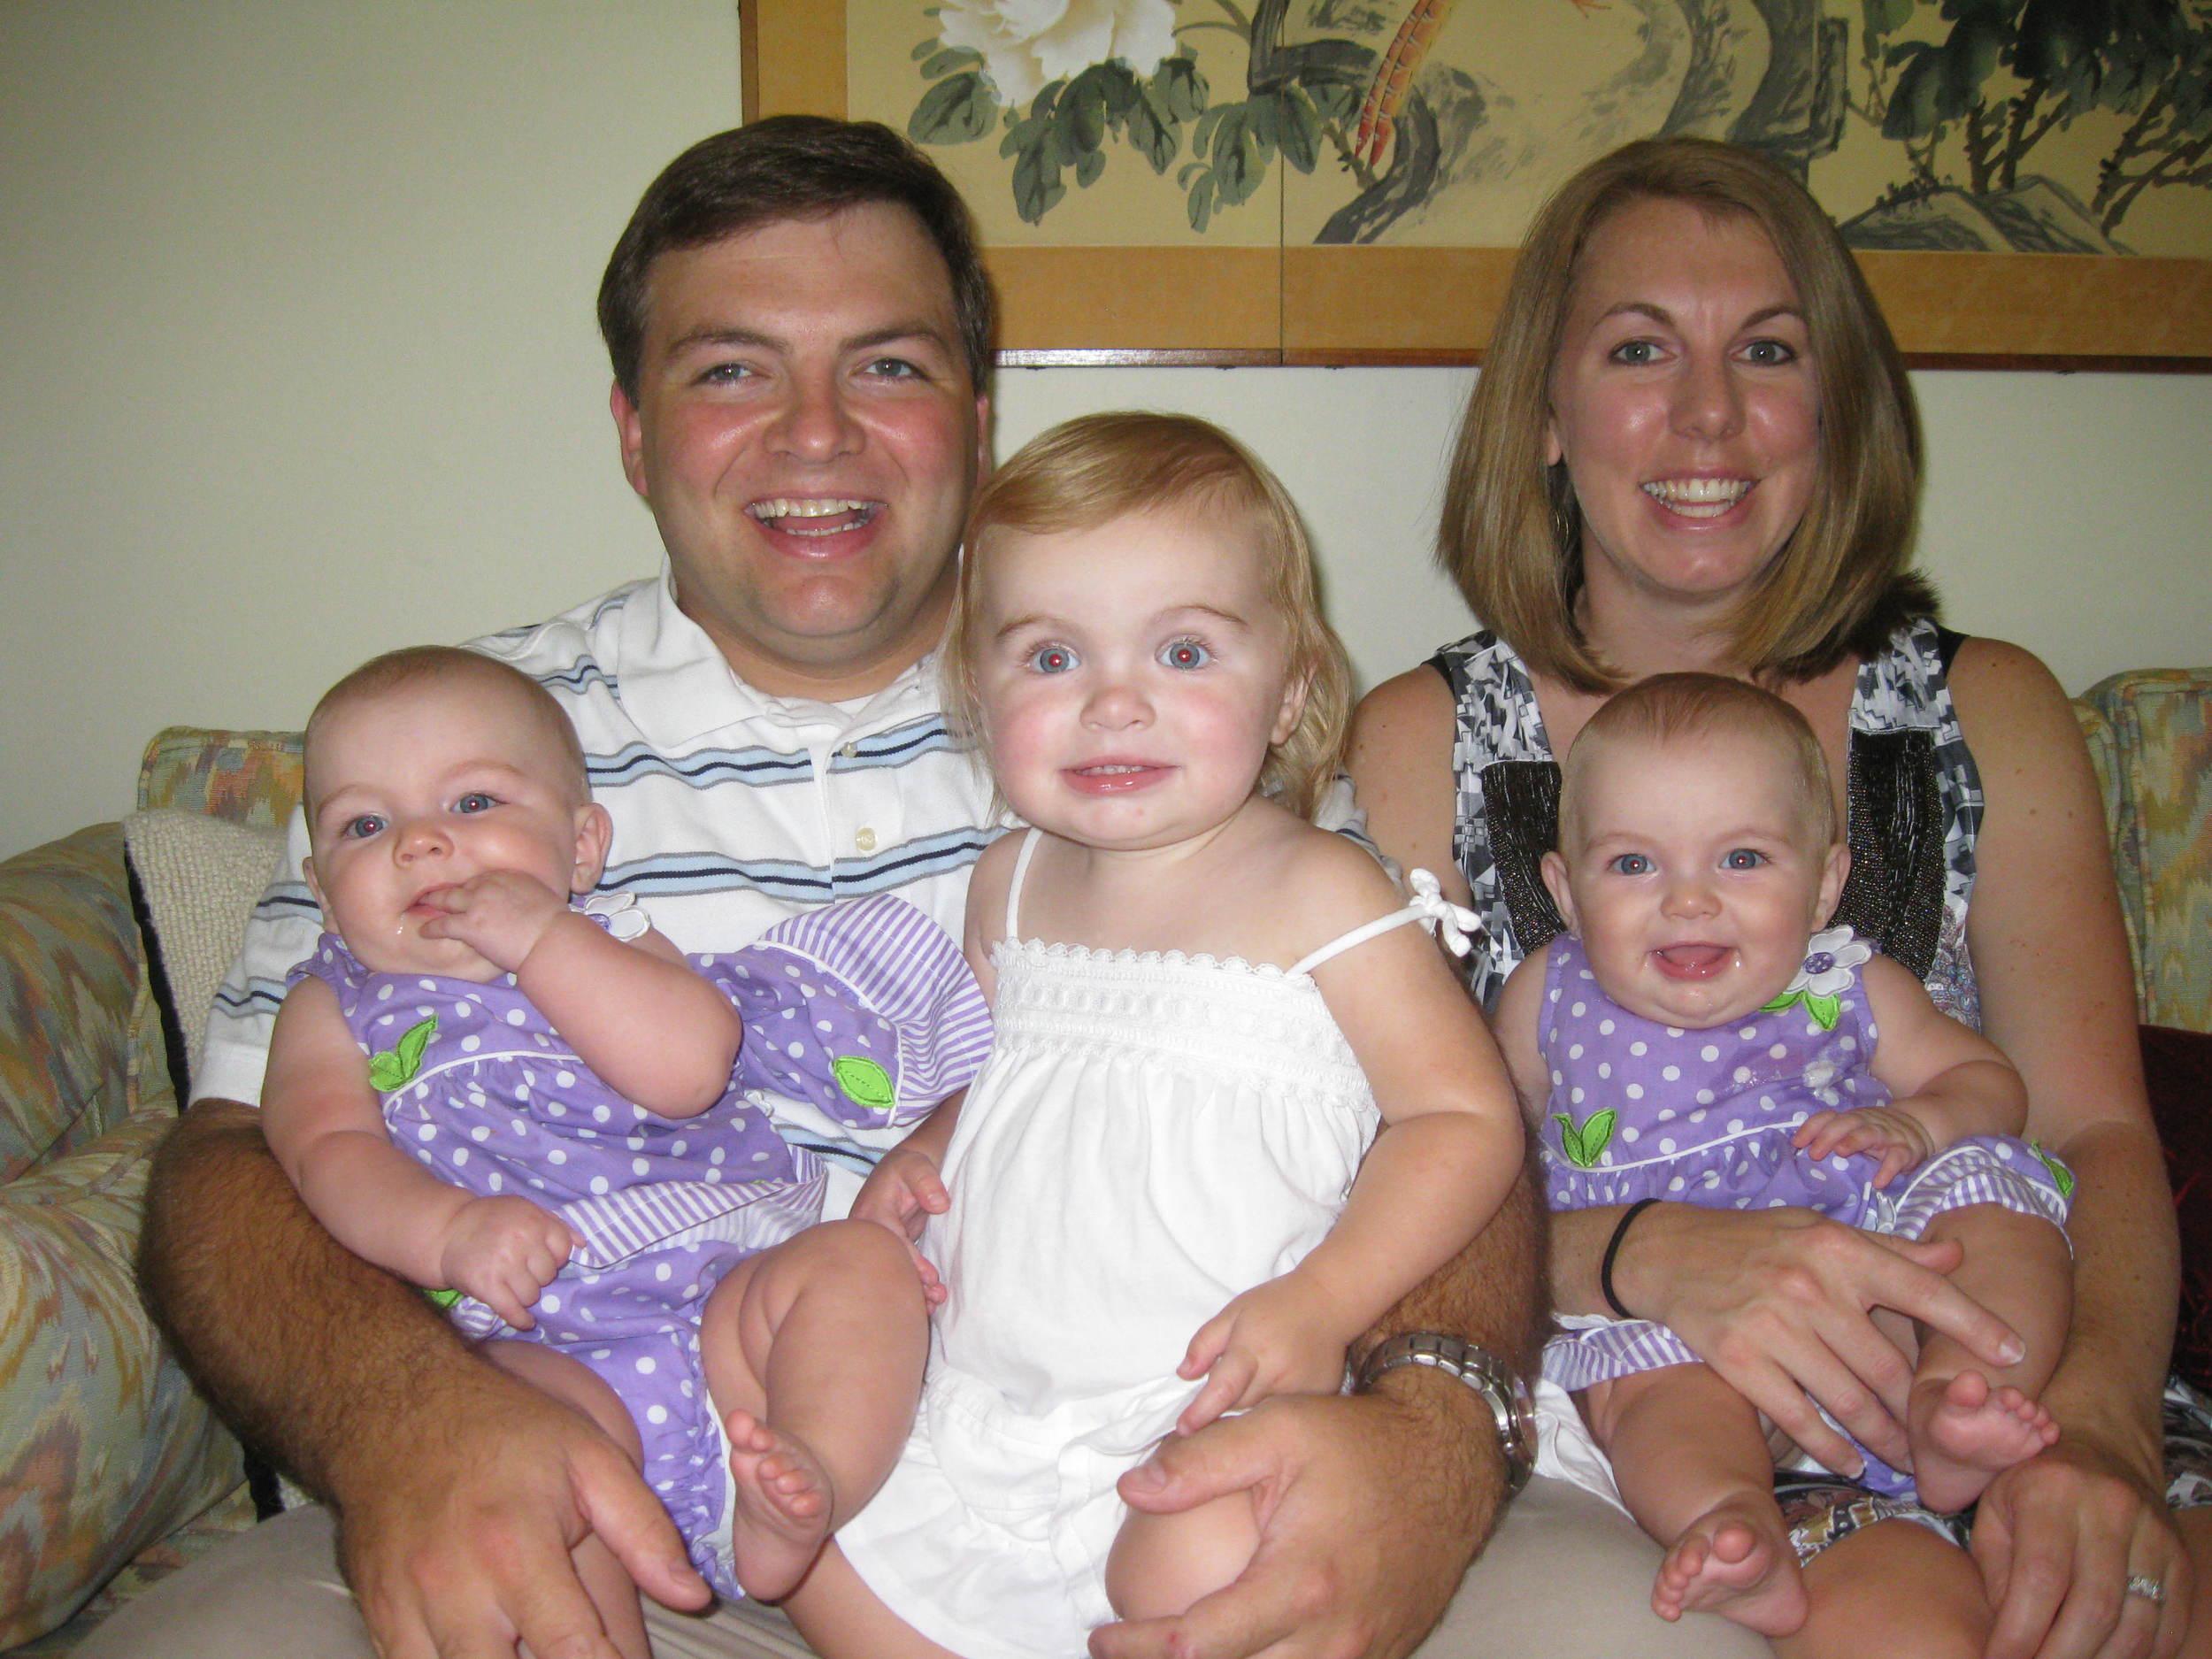 Family Pic Gadsden_0812.JPG